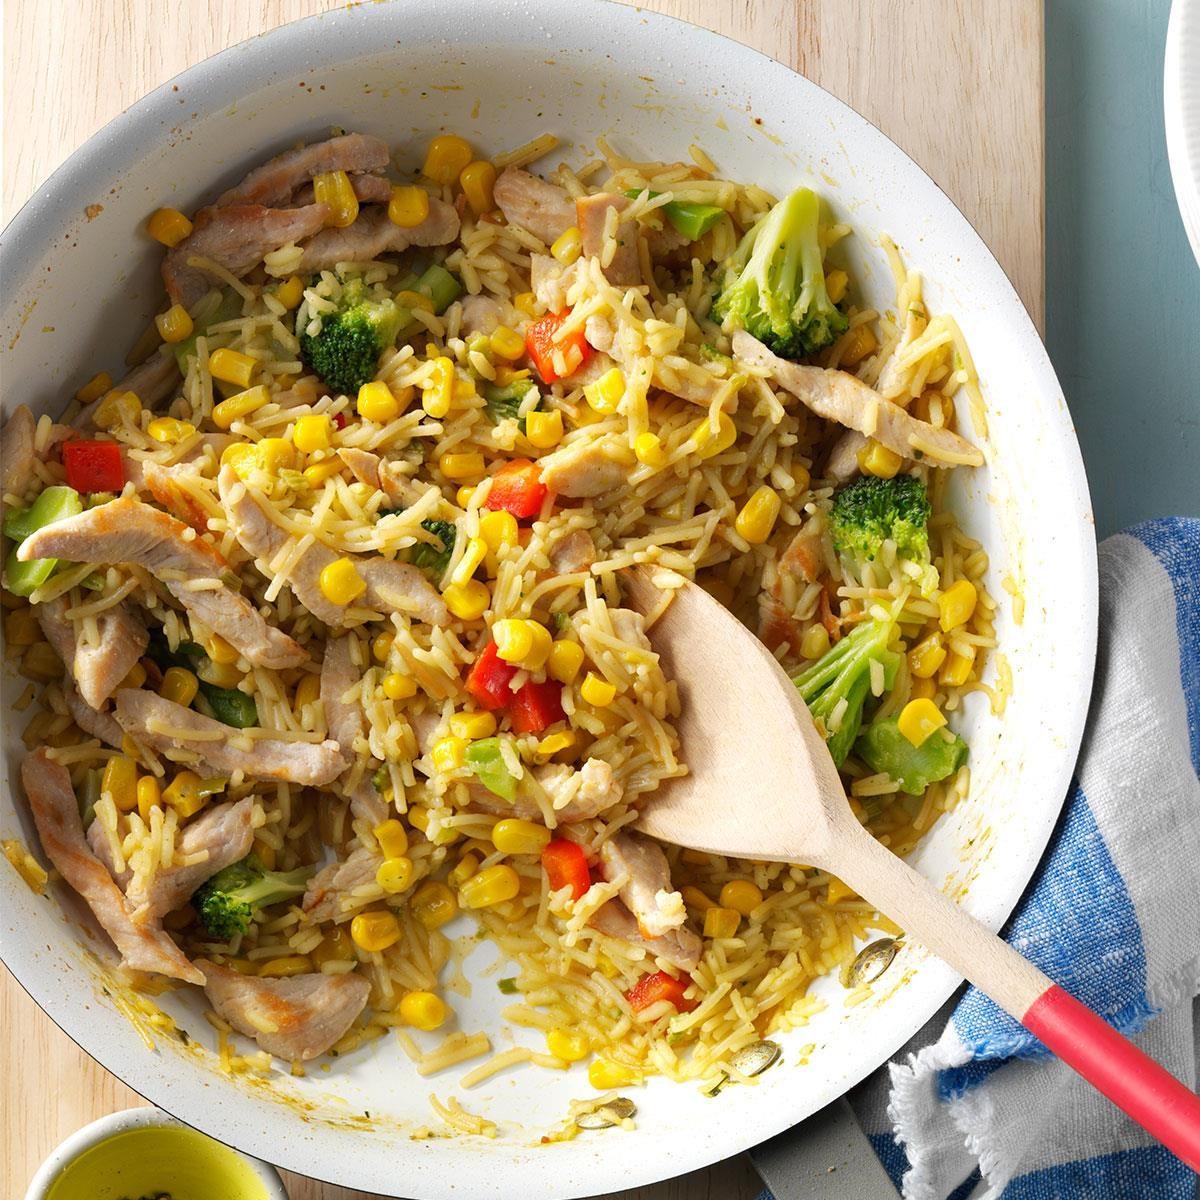 Tasty Turkey Skillet